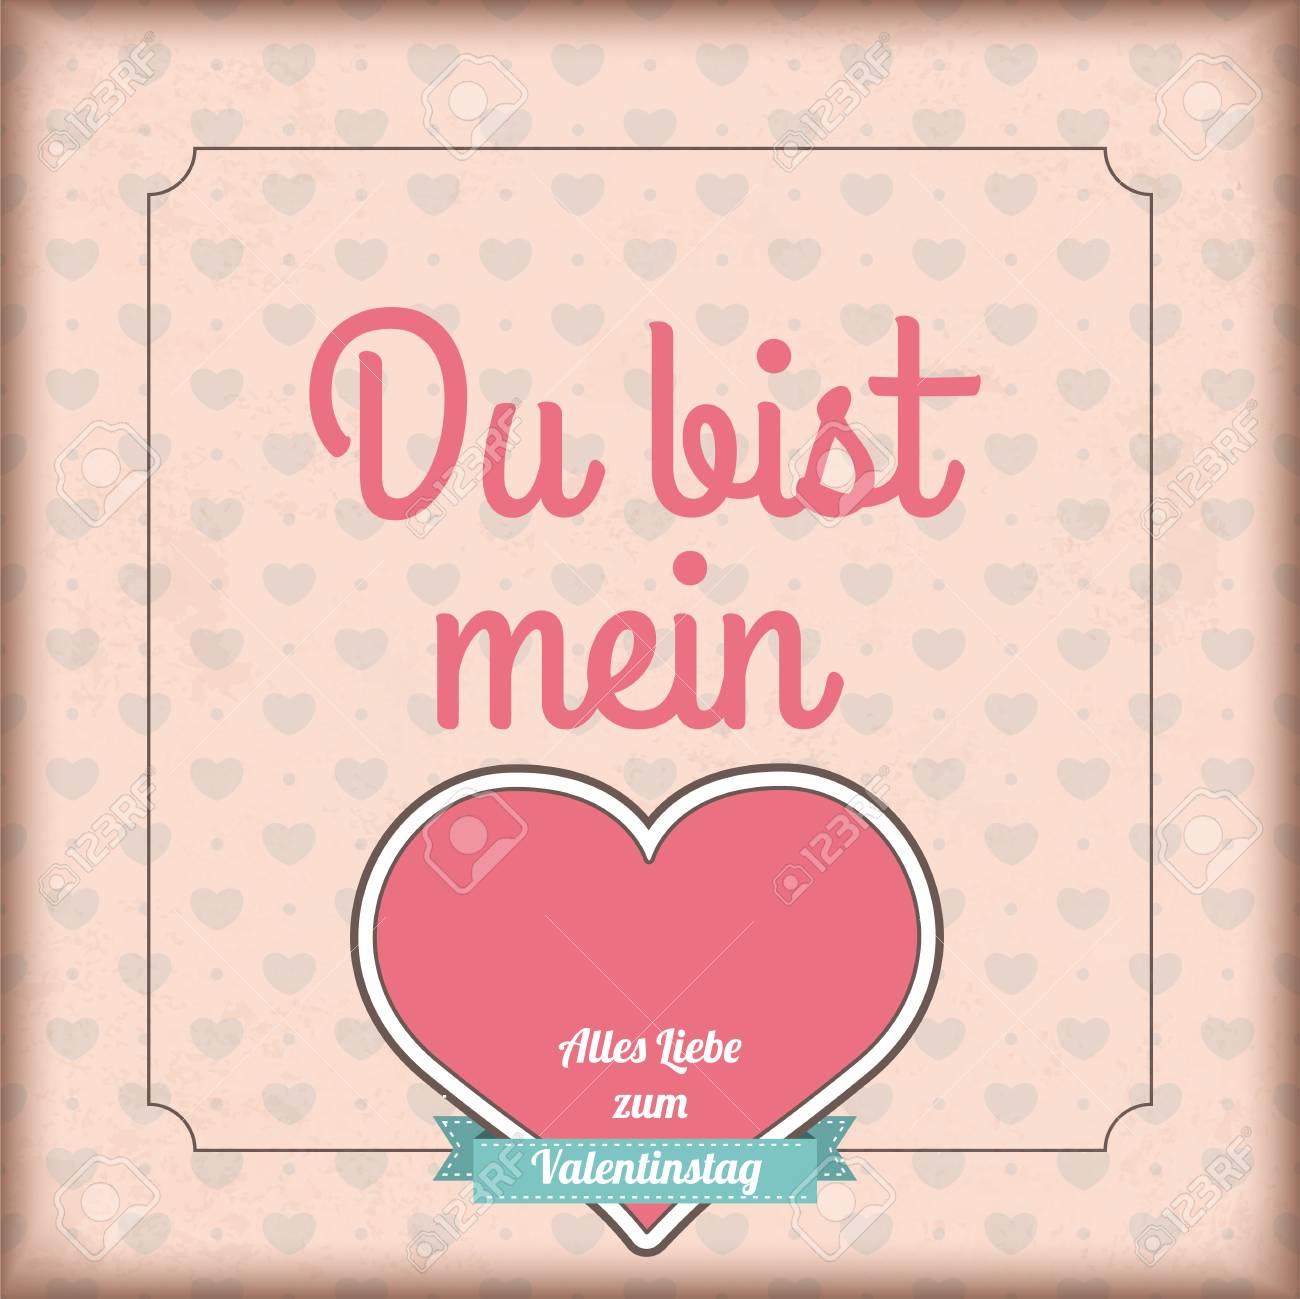 alles liebe zum valentin